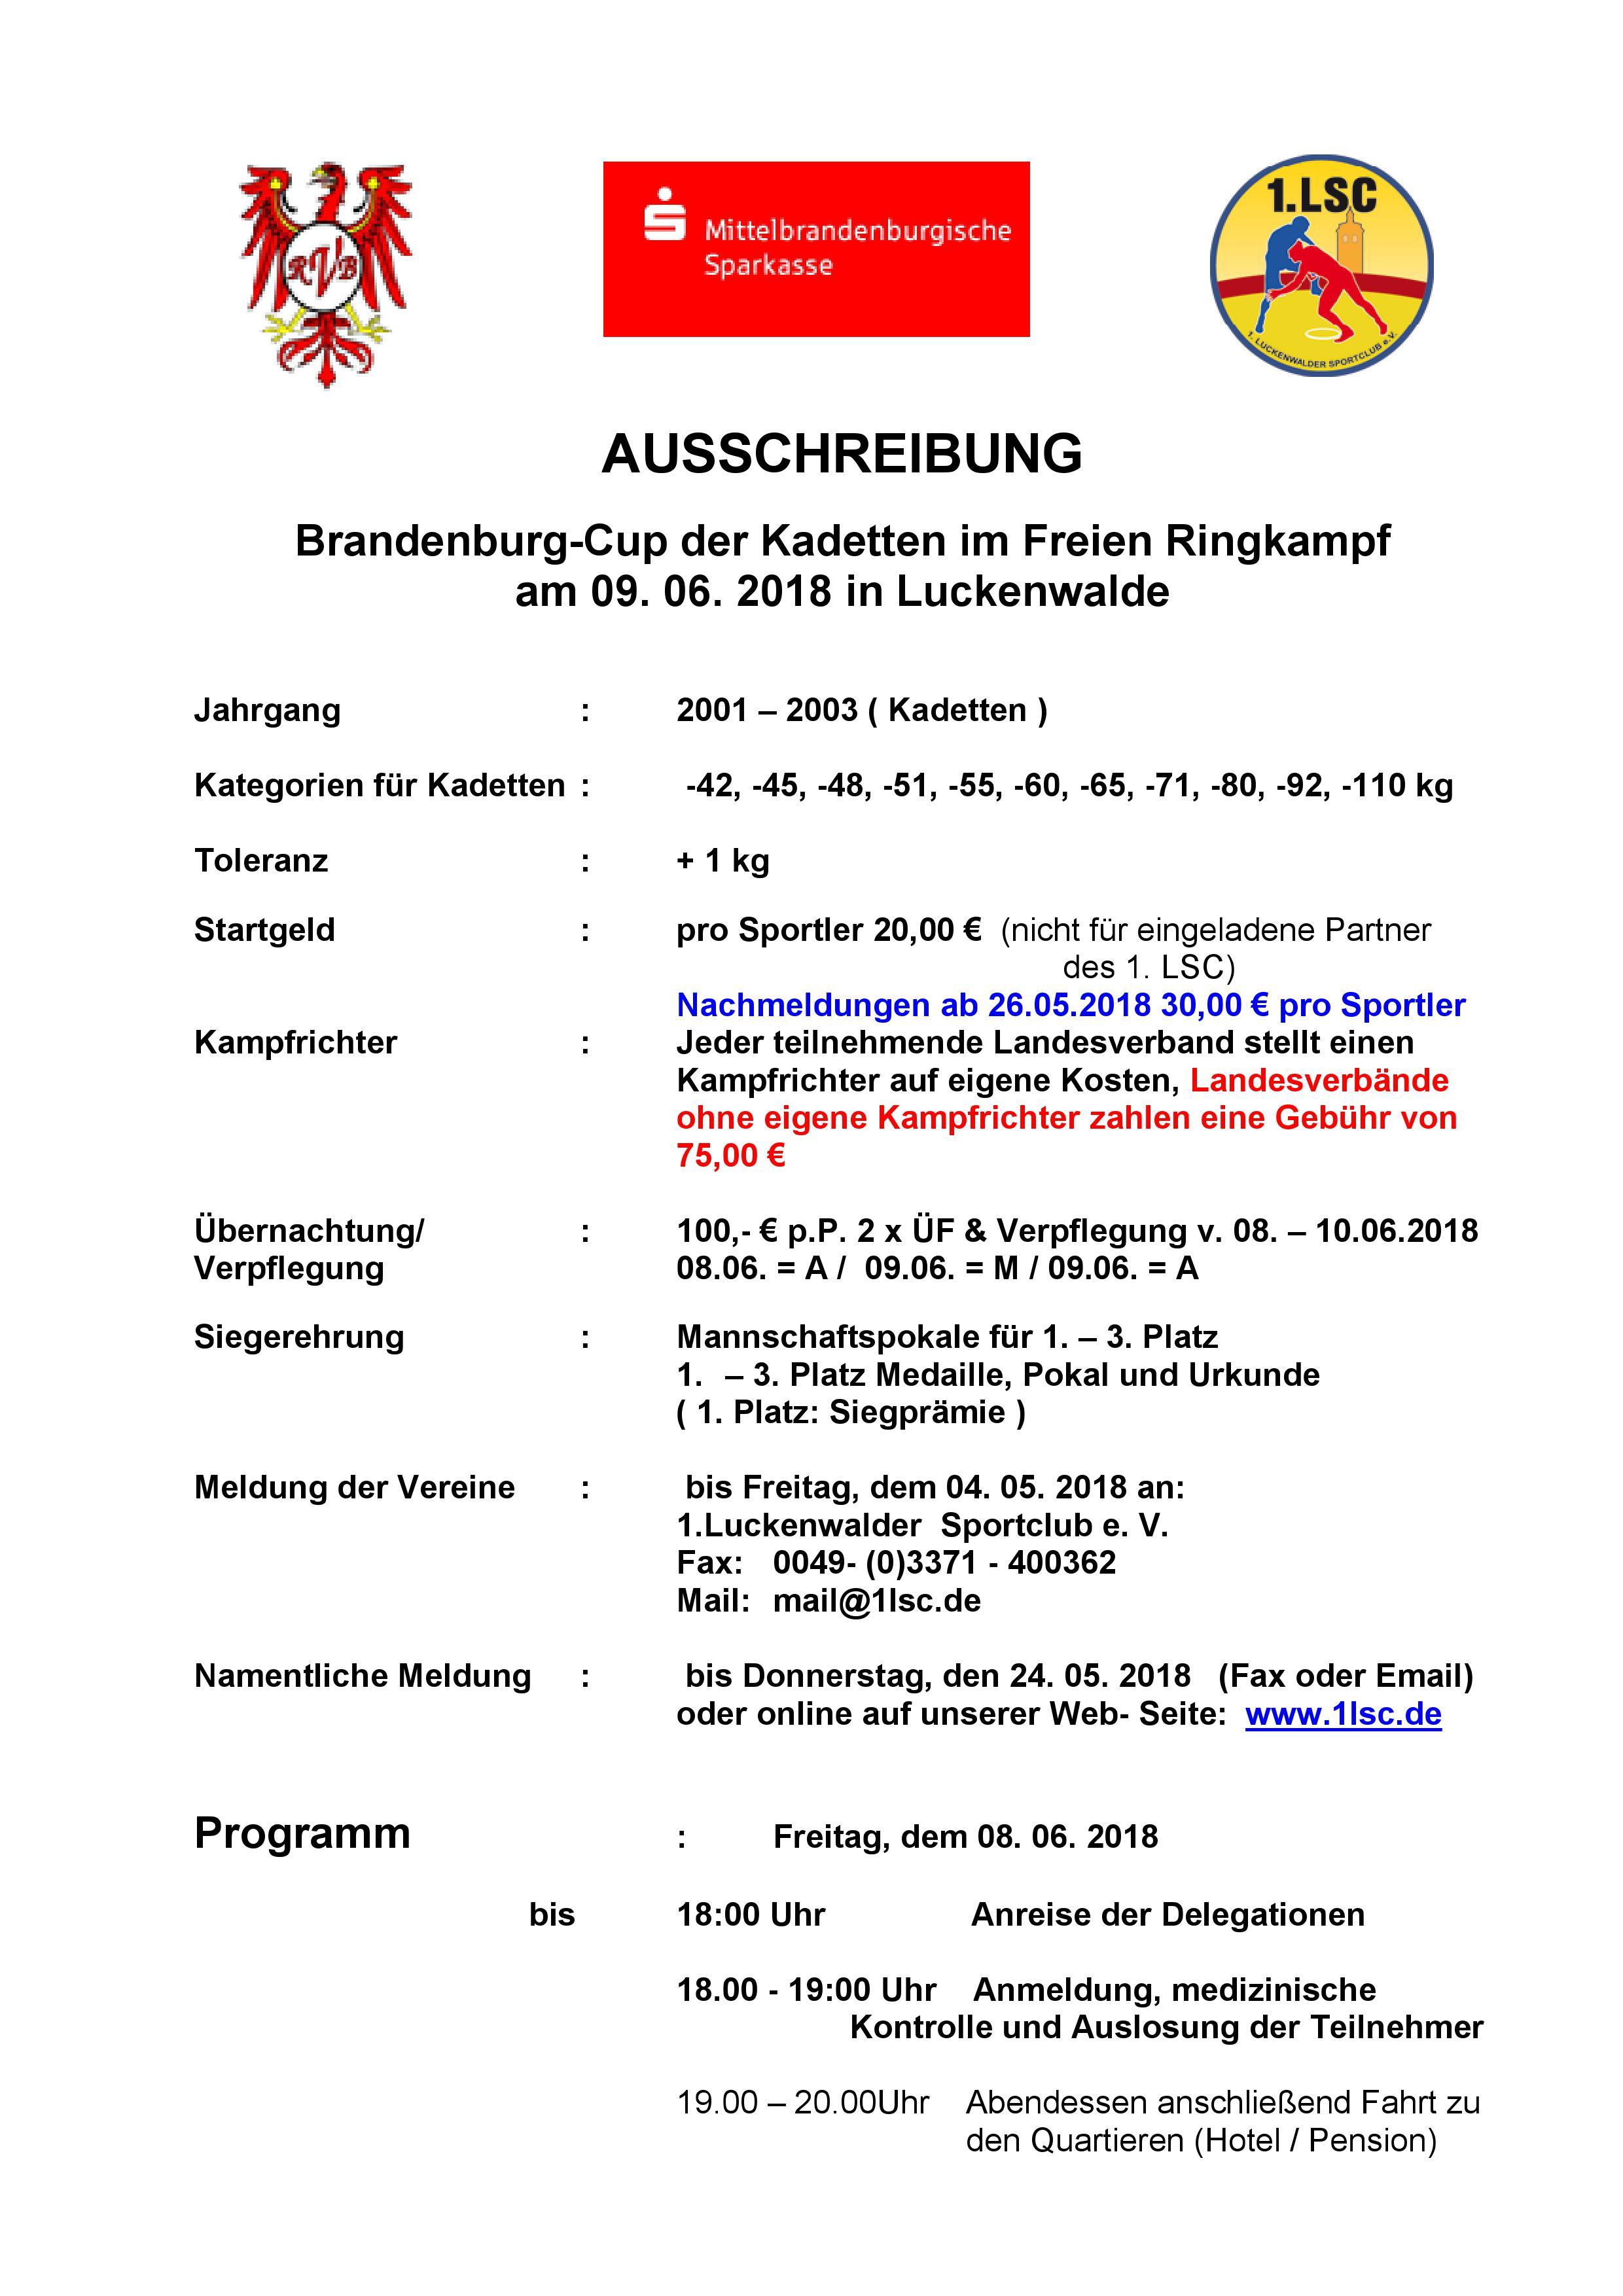 Brandenburg-Cup der Kadetten